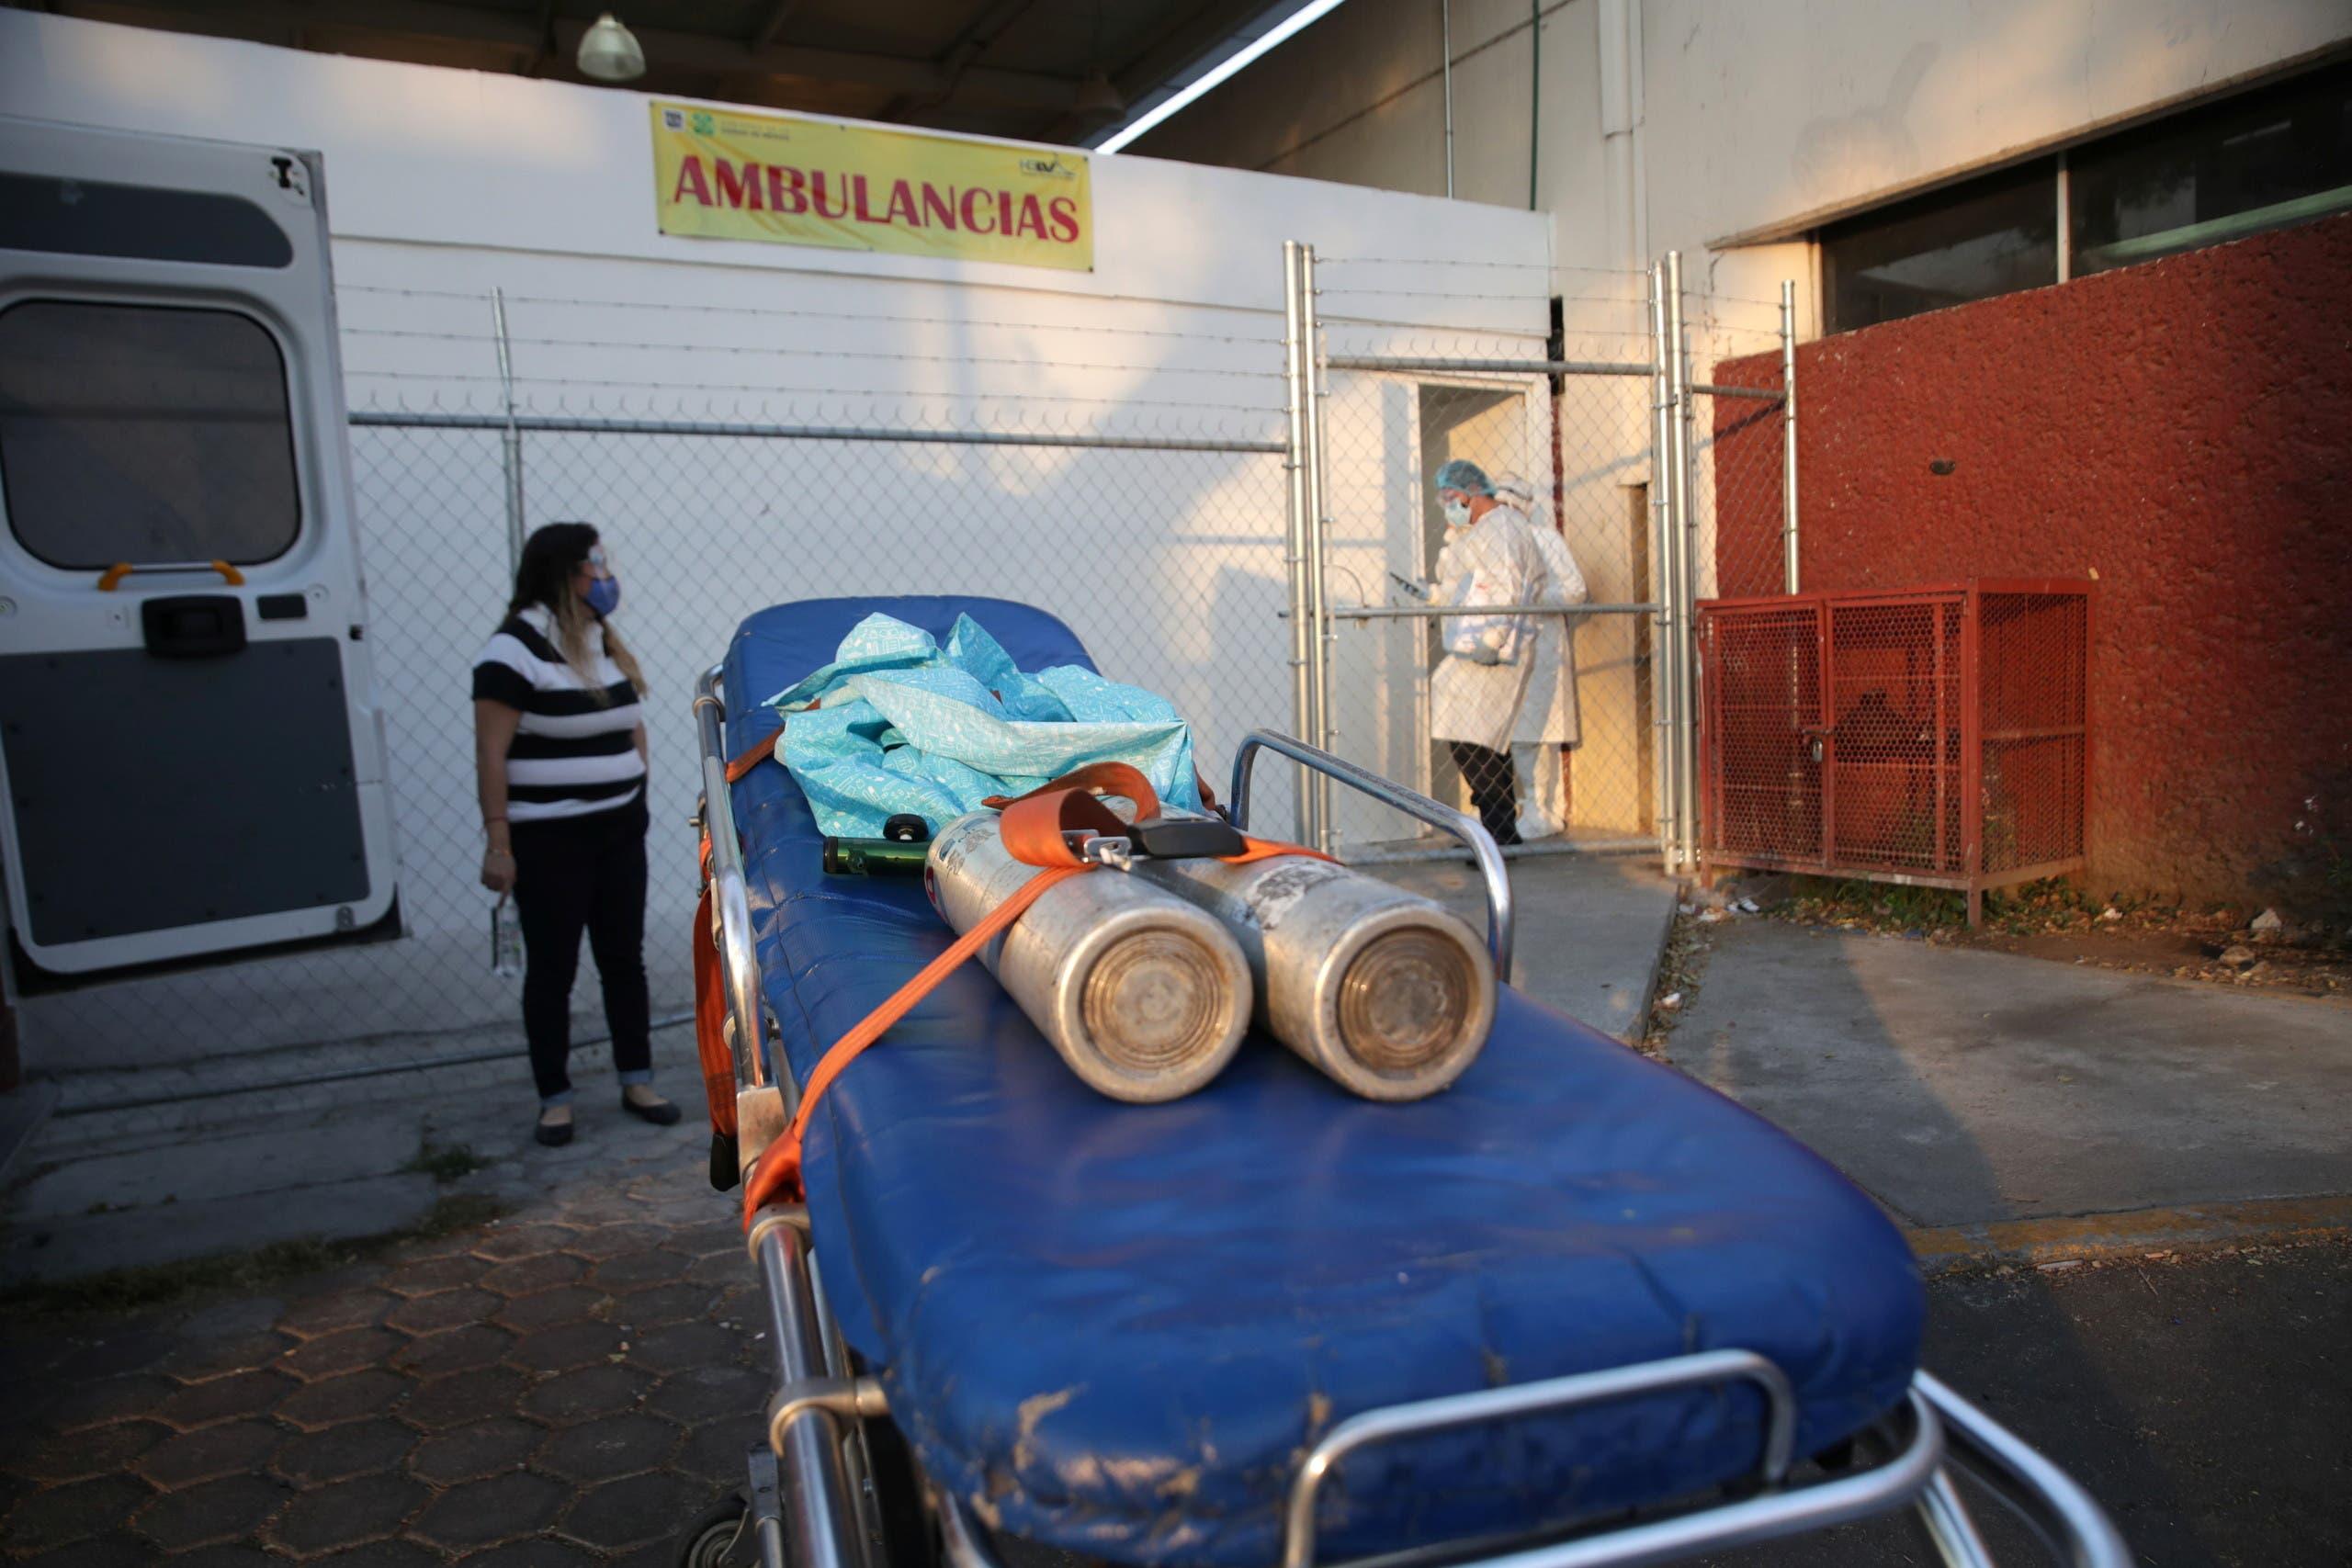 عبوات الأوكسجين على سرير نقلى المصابين أمام أحد المستشفيات في المكسيك